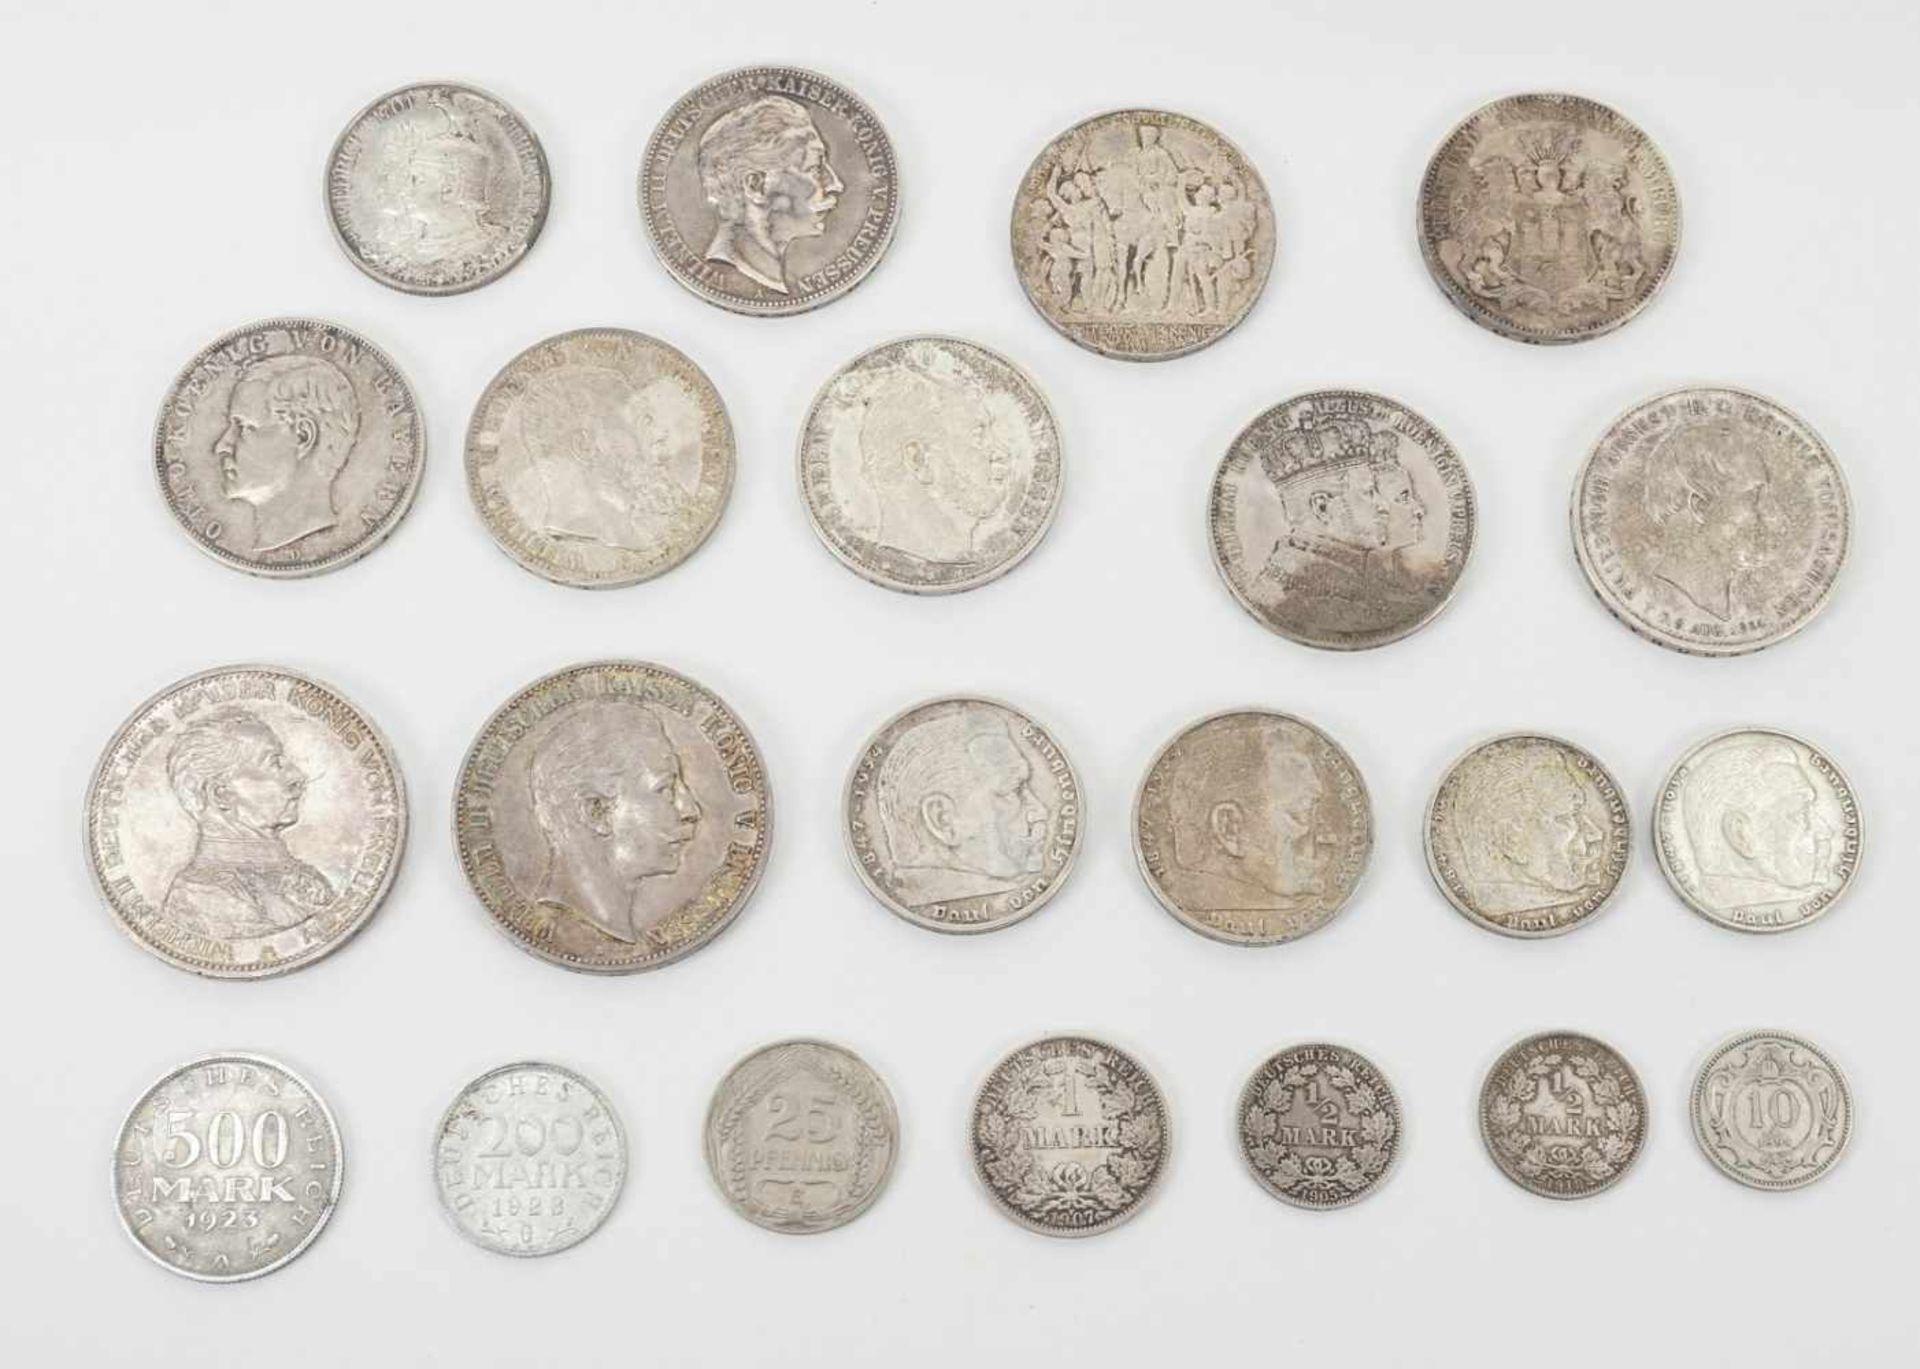 22 Münzen 1854-1936, davon 19 Silbermünzen - Bild 2 aus 7